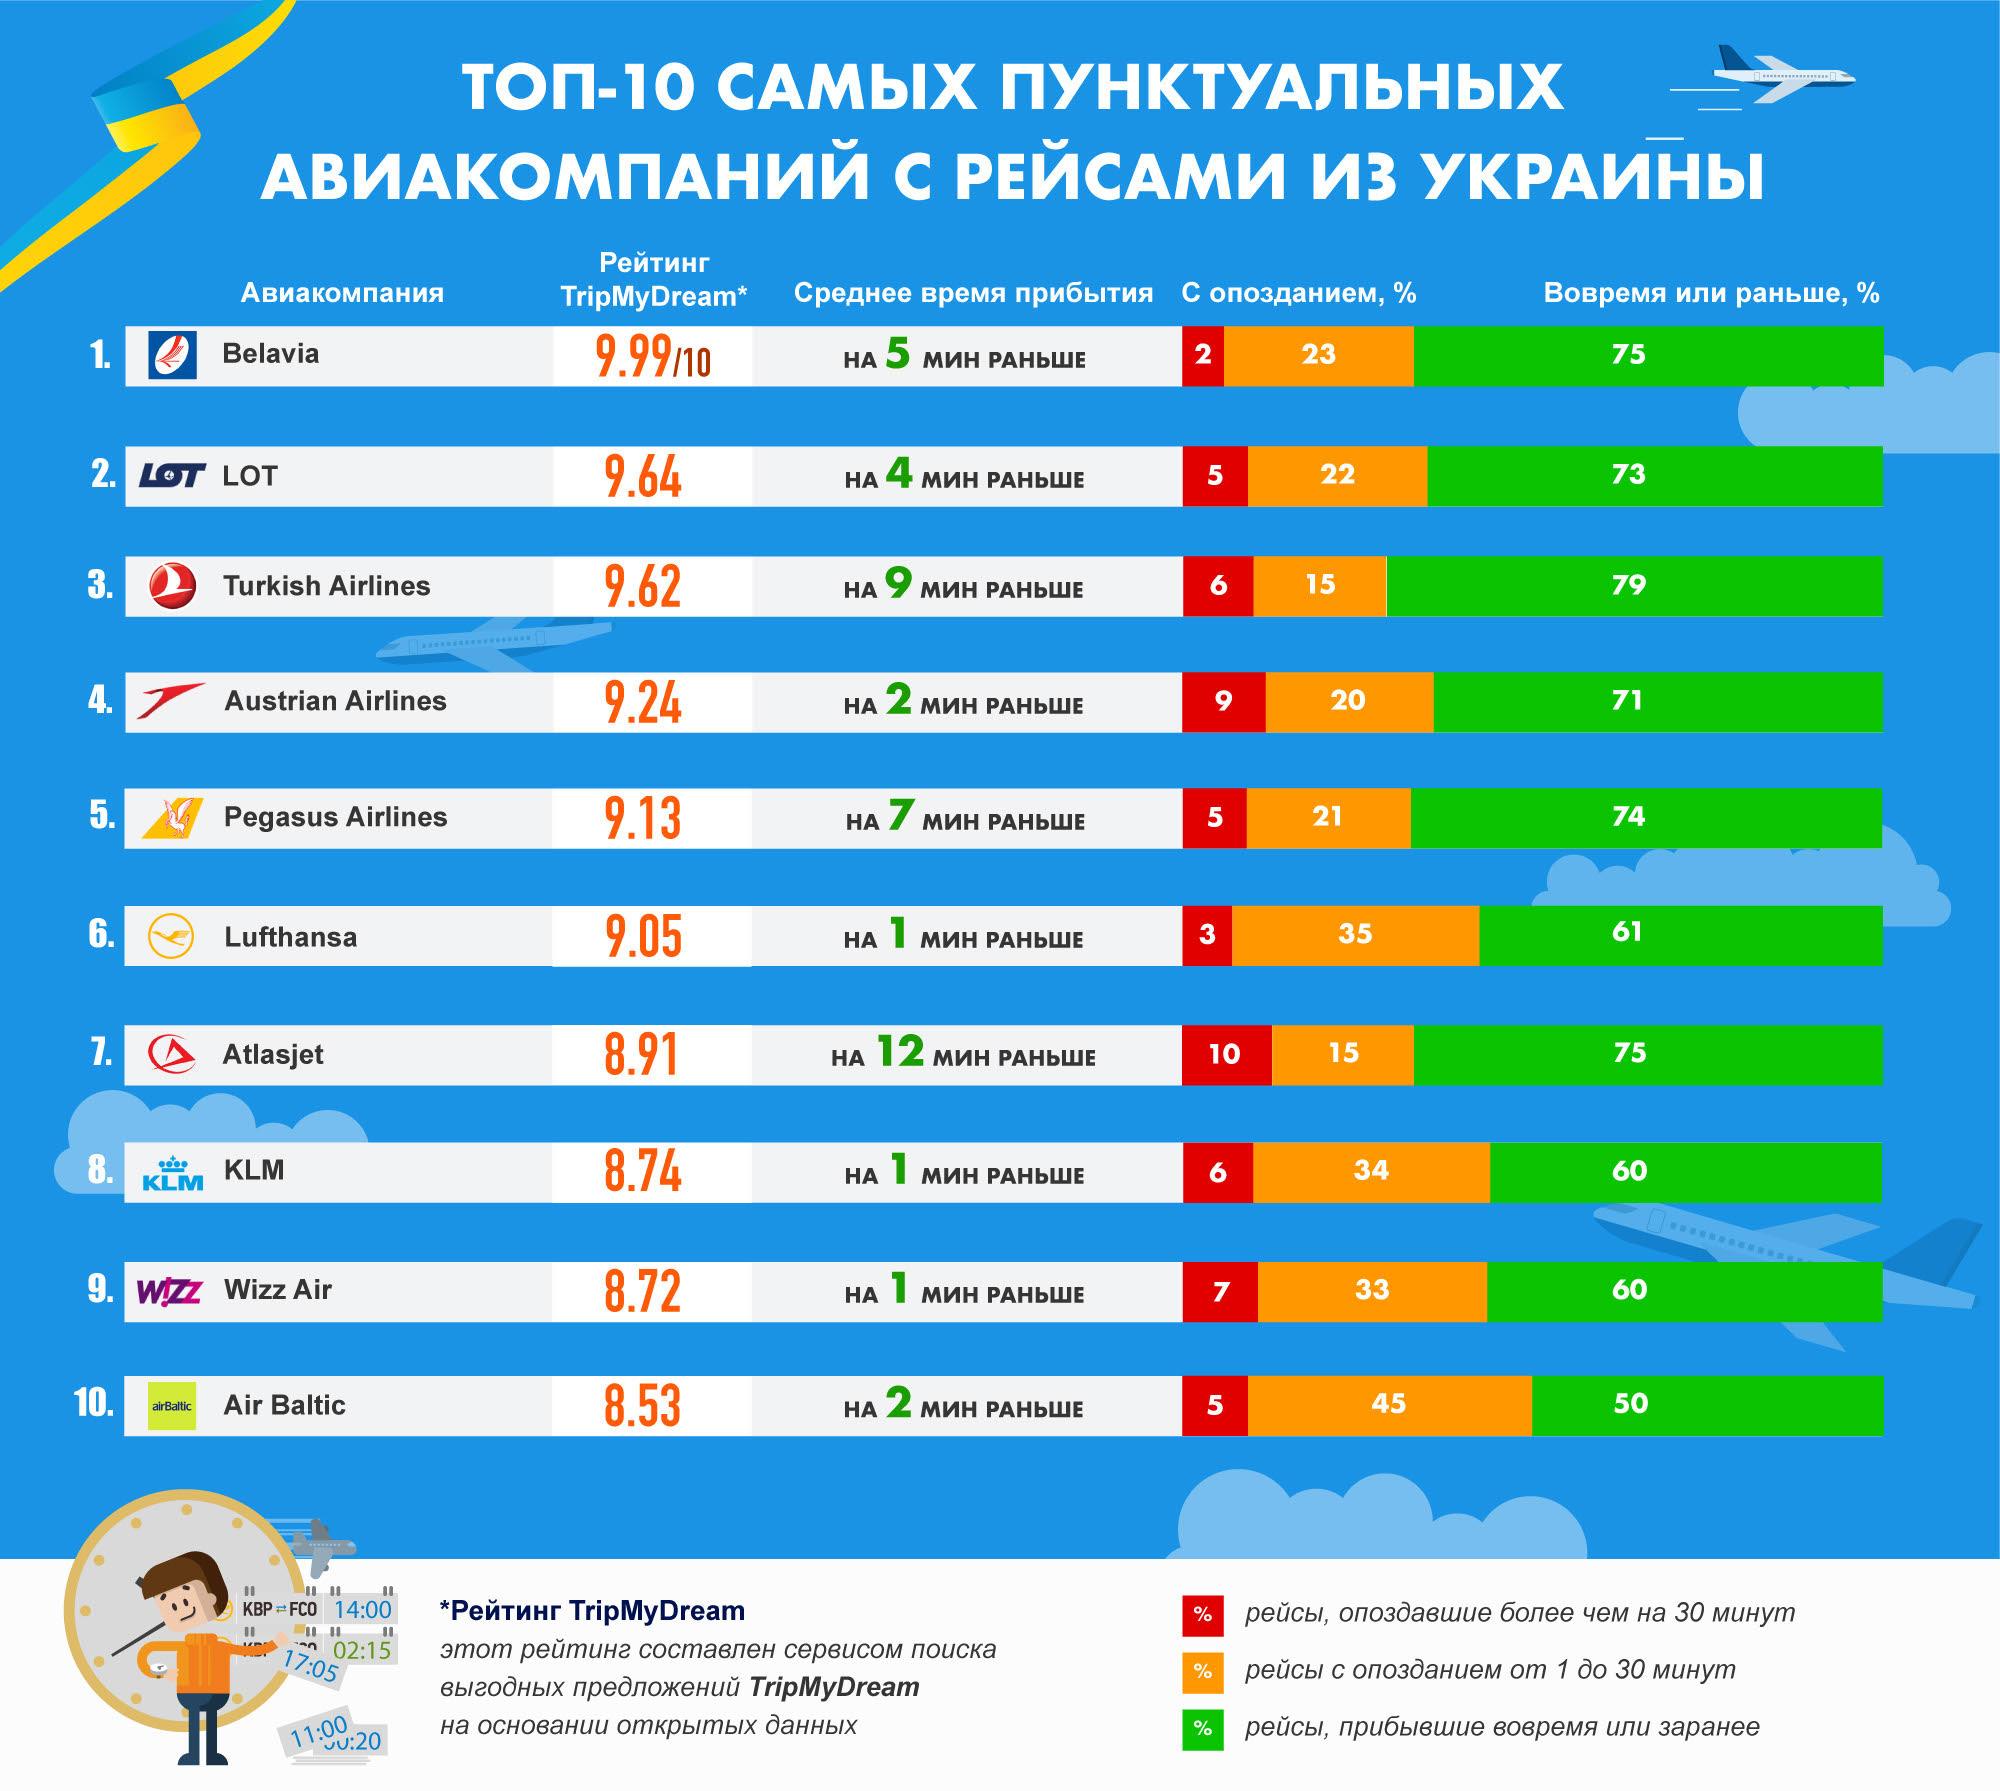 Самые пунктуальные авиакомпании с рейсами из Украины